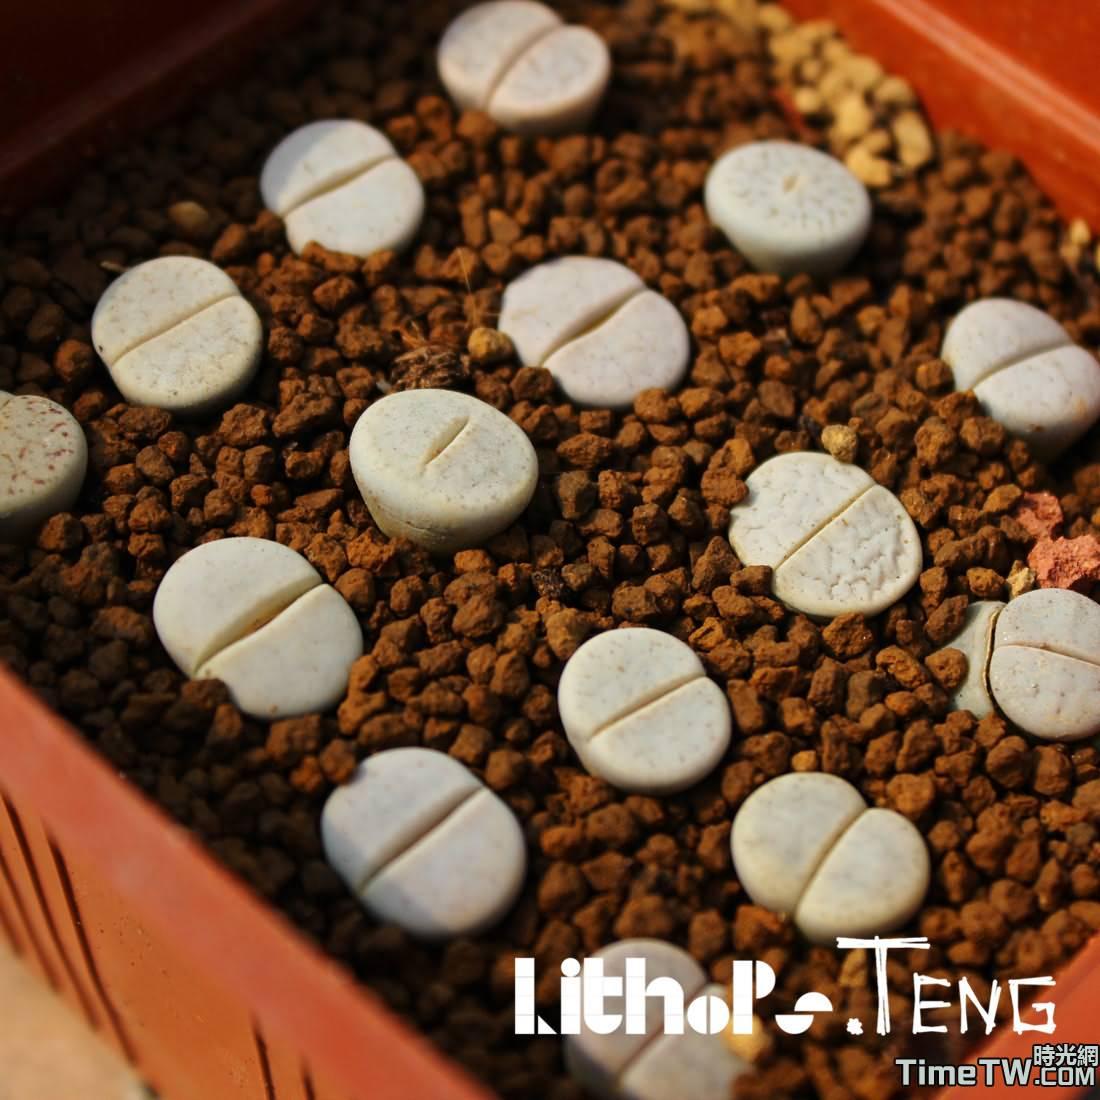 白曲 - Lithops pseudotruncatella ssp. groendrayensis